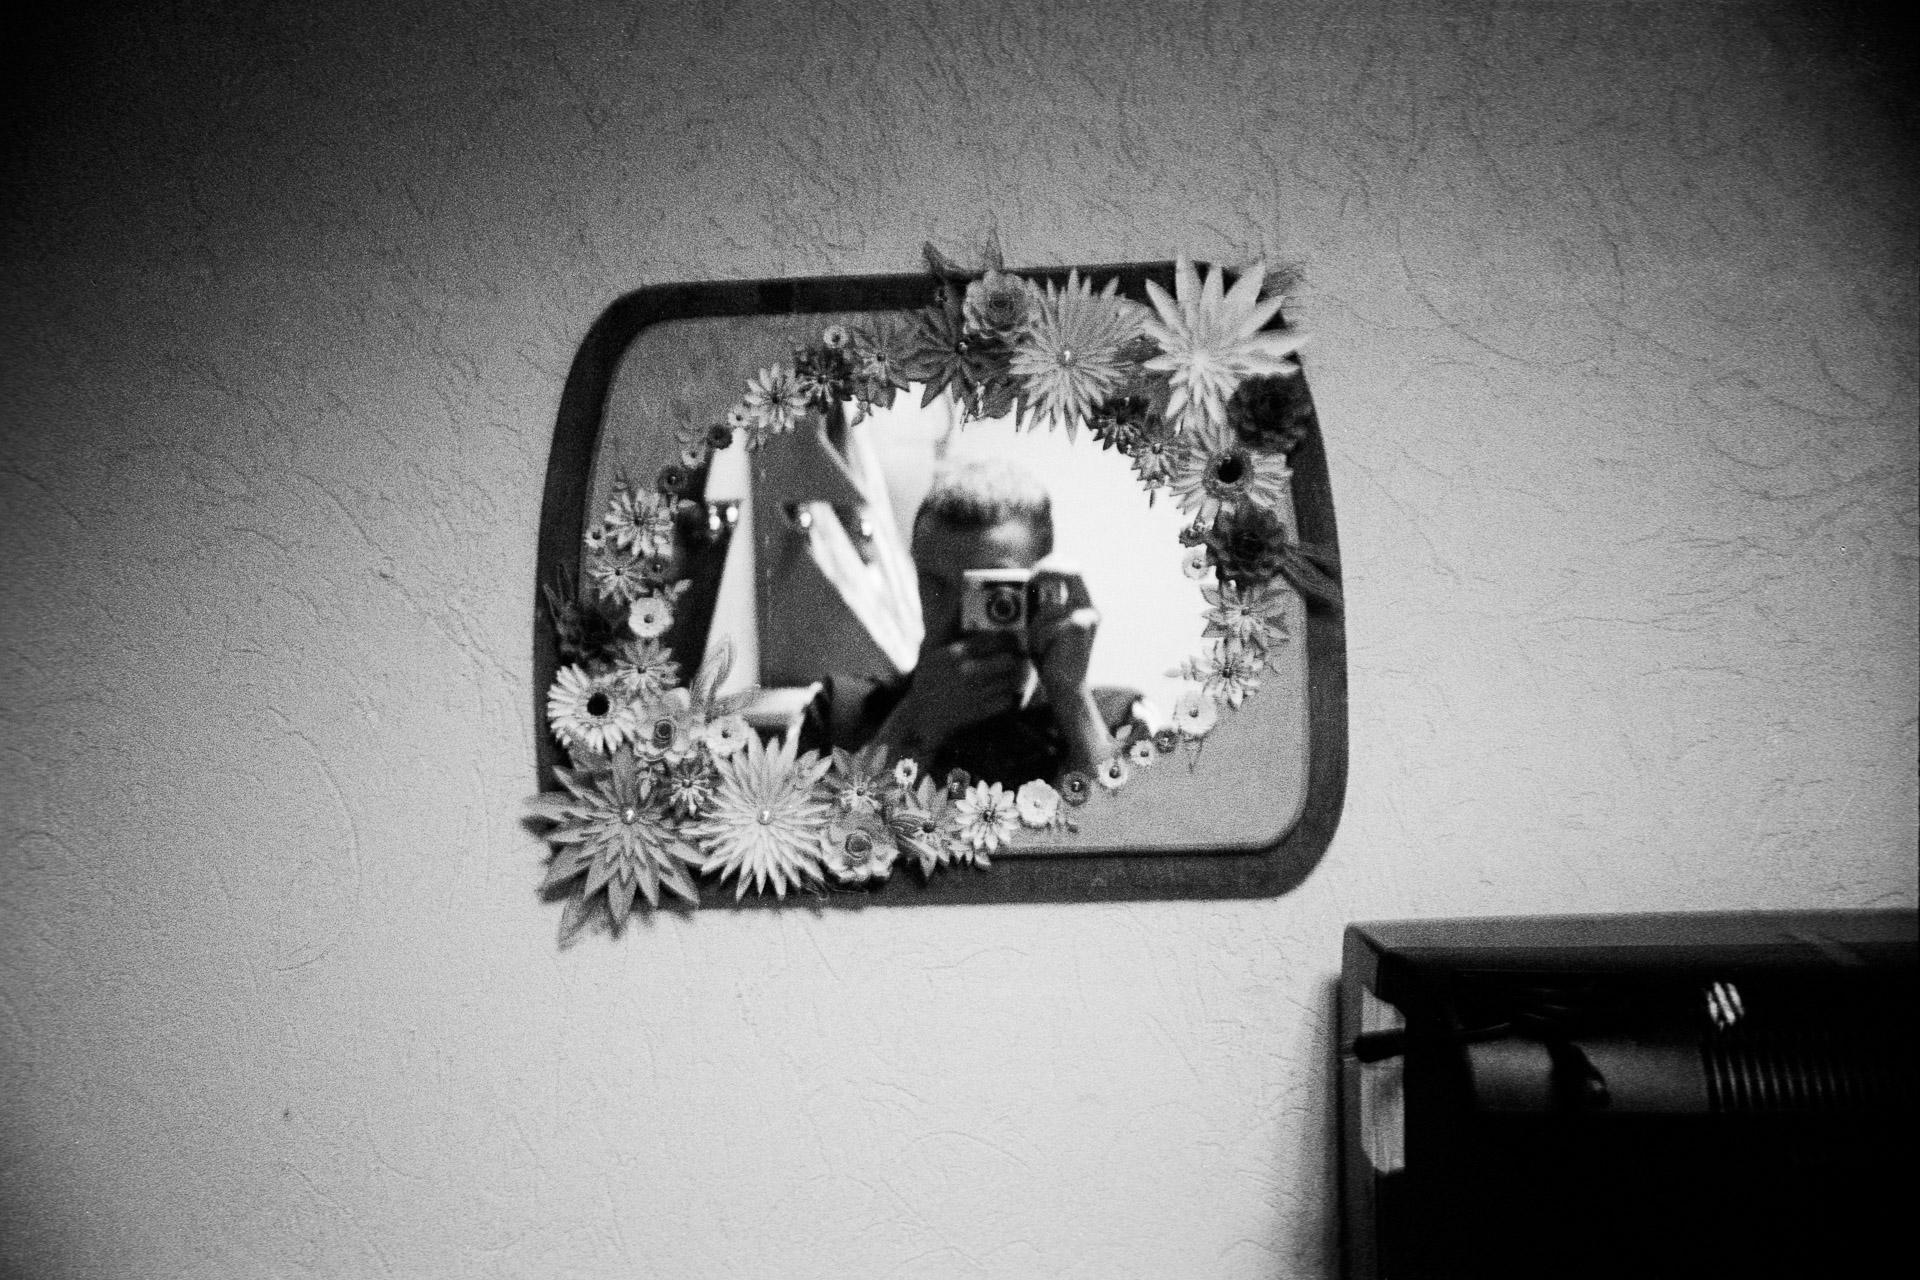 In a common room, A. takes a photo of himself in a mirror. He crafted the flowers from paper with his own two hands before using them to decorate the mirror. Ici, dans une salle collective, A se prend en photo dans un miroir qu'il a lui même décoré de fleures en papier également confectionnées par ses soins durant son temps libre. © A / Jérémie Jung